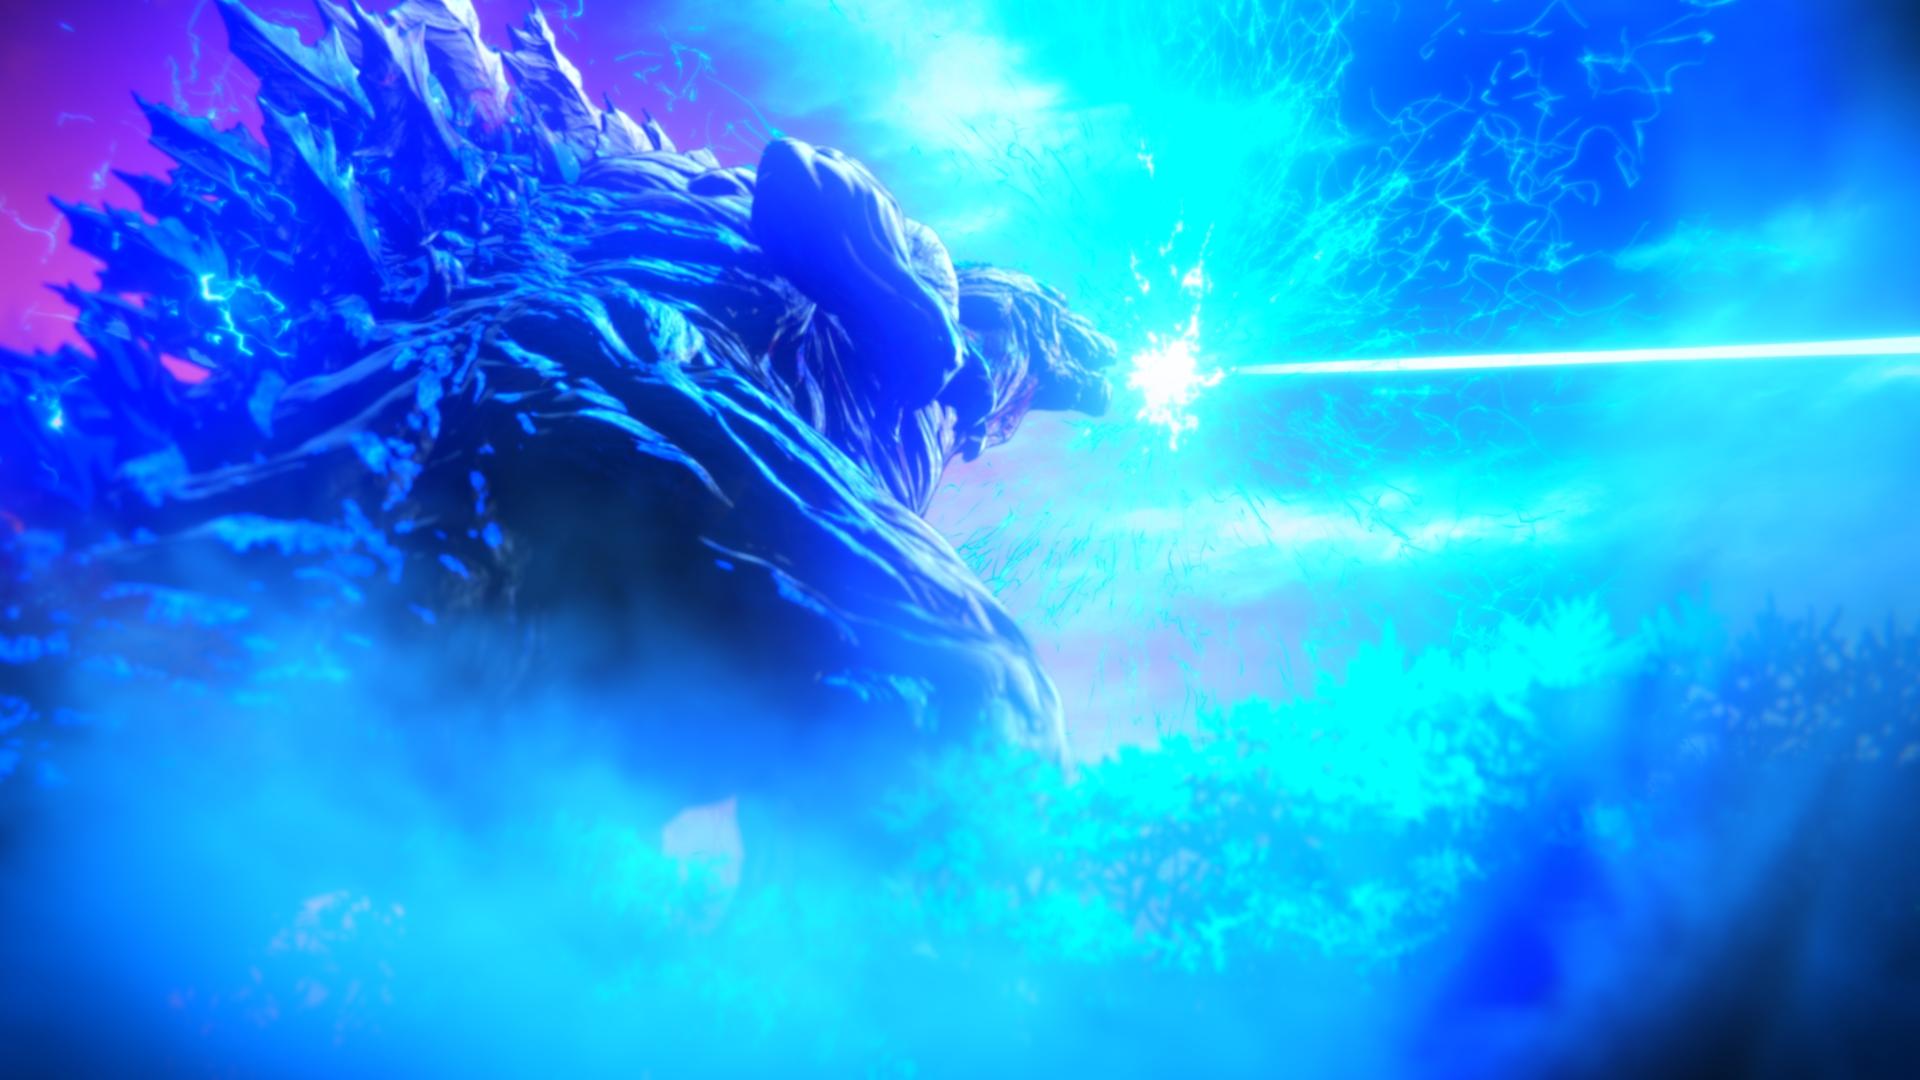 ゴジラが放つ熱線が地球を切り裂く Godzilla 怪獣惑星 本予告 最新場面カット解禁